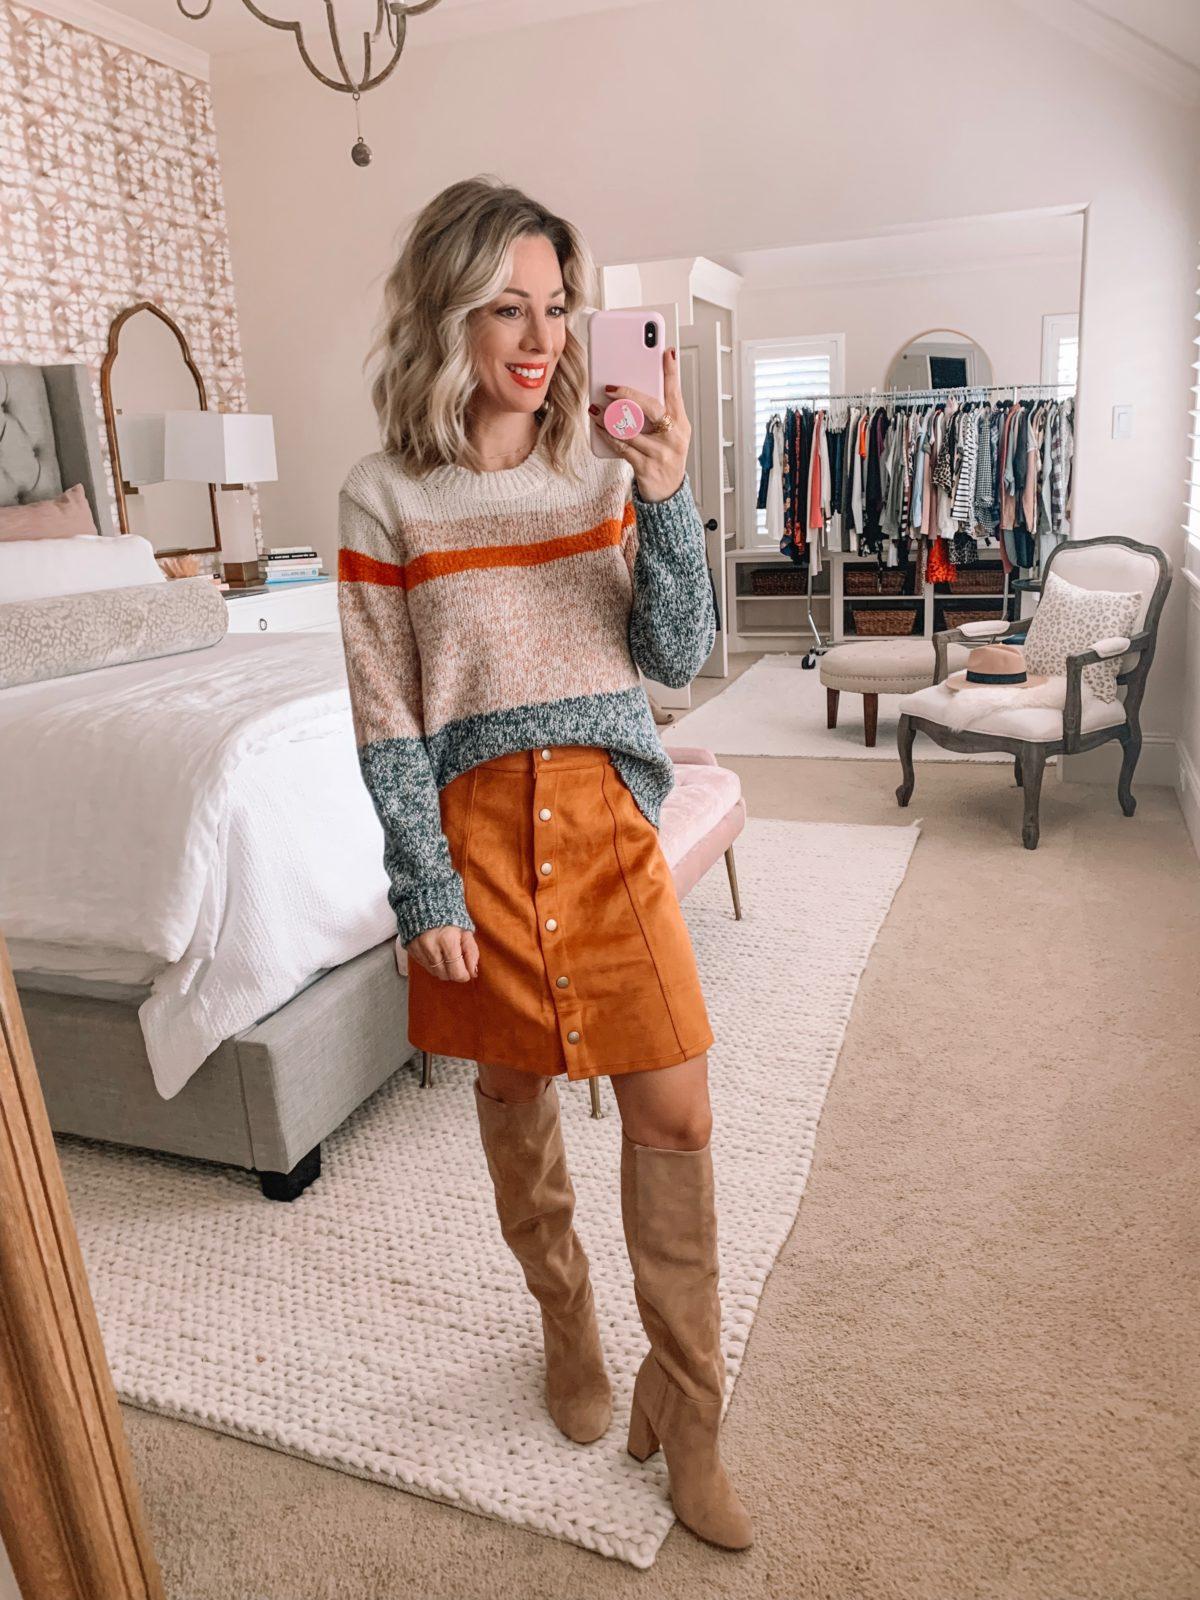 Amazon Prime Fashion- Sweater and Corduroy Skirt